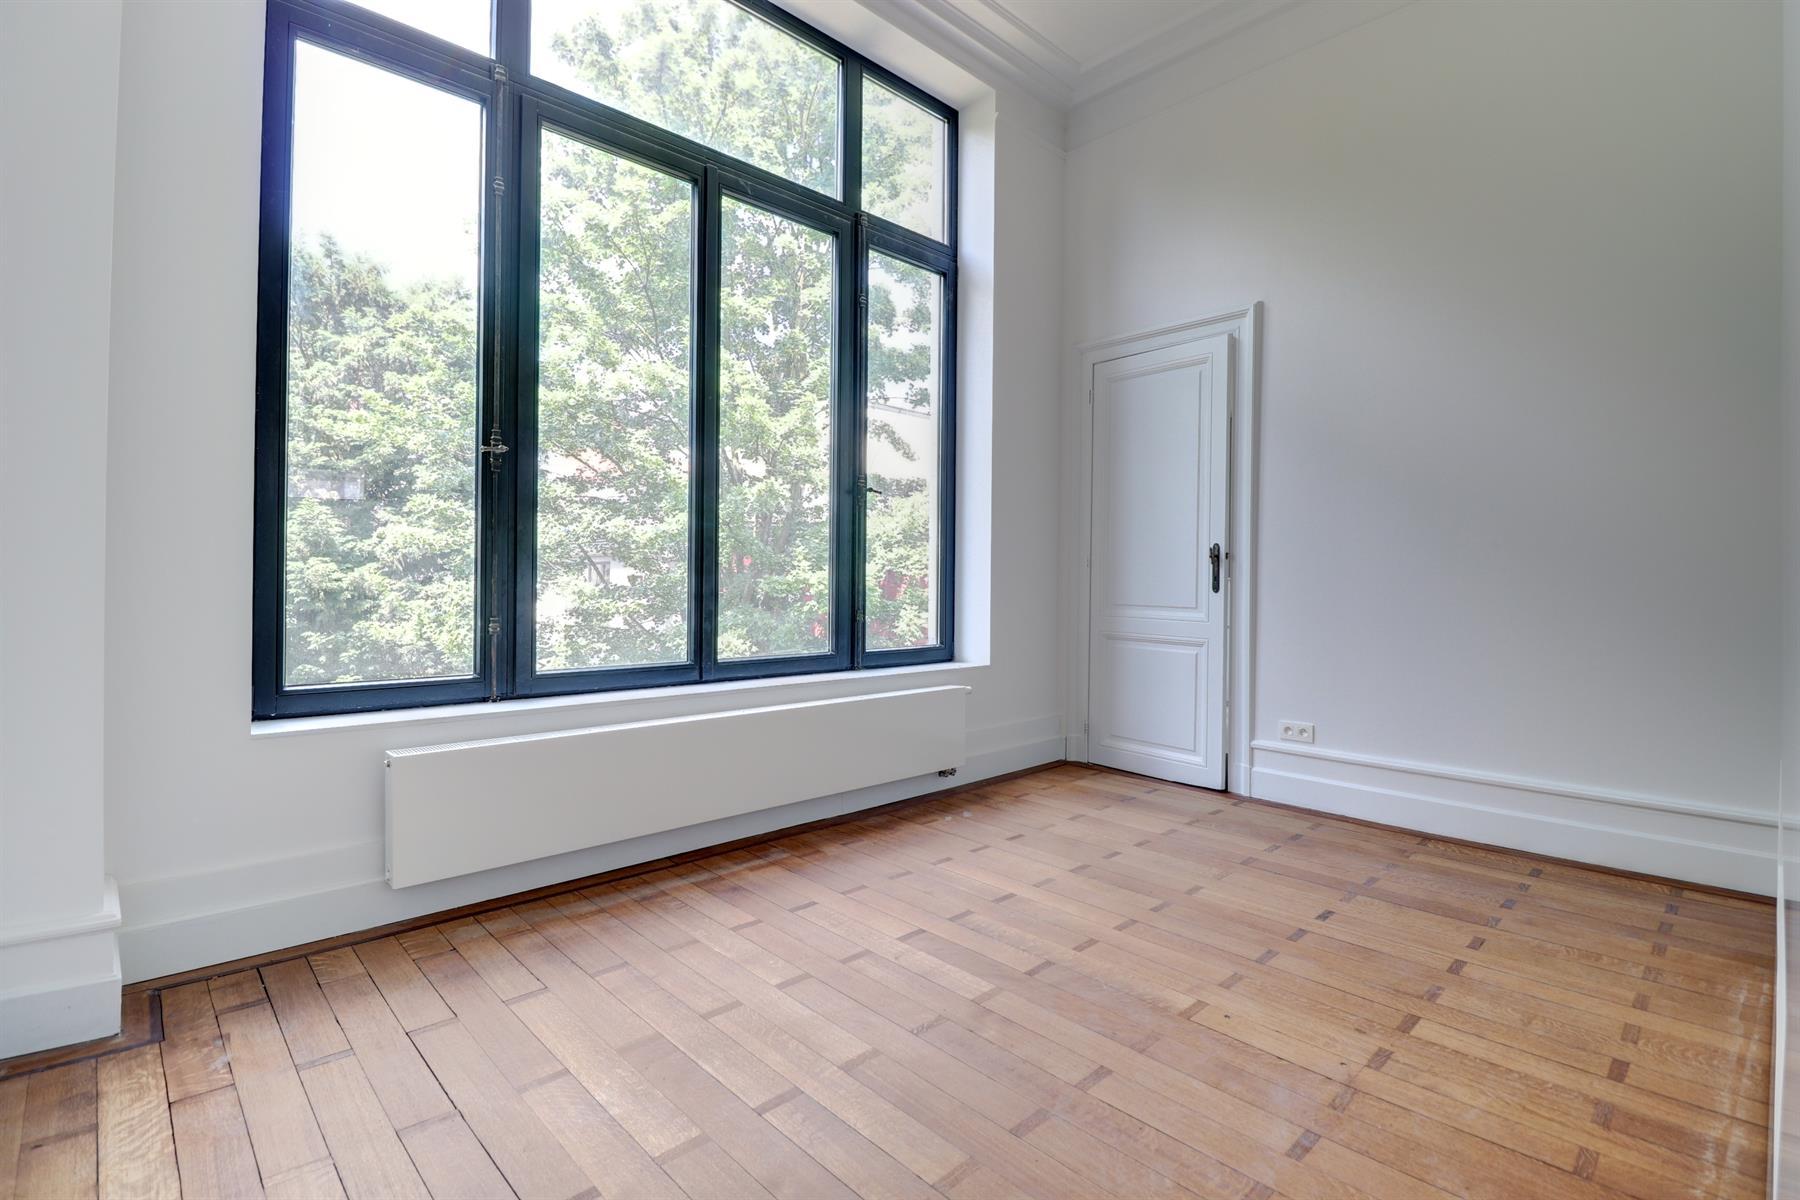 Flat - Ixelles - #4091403-11